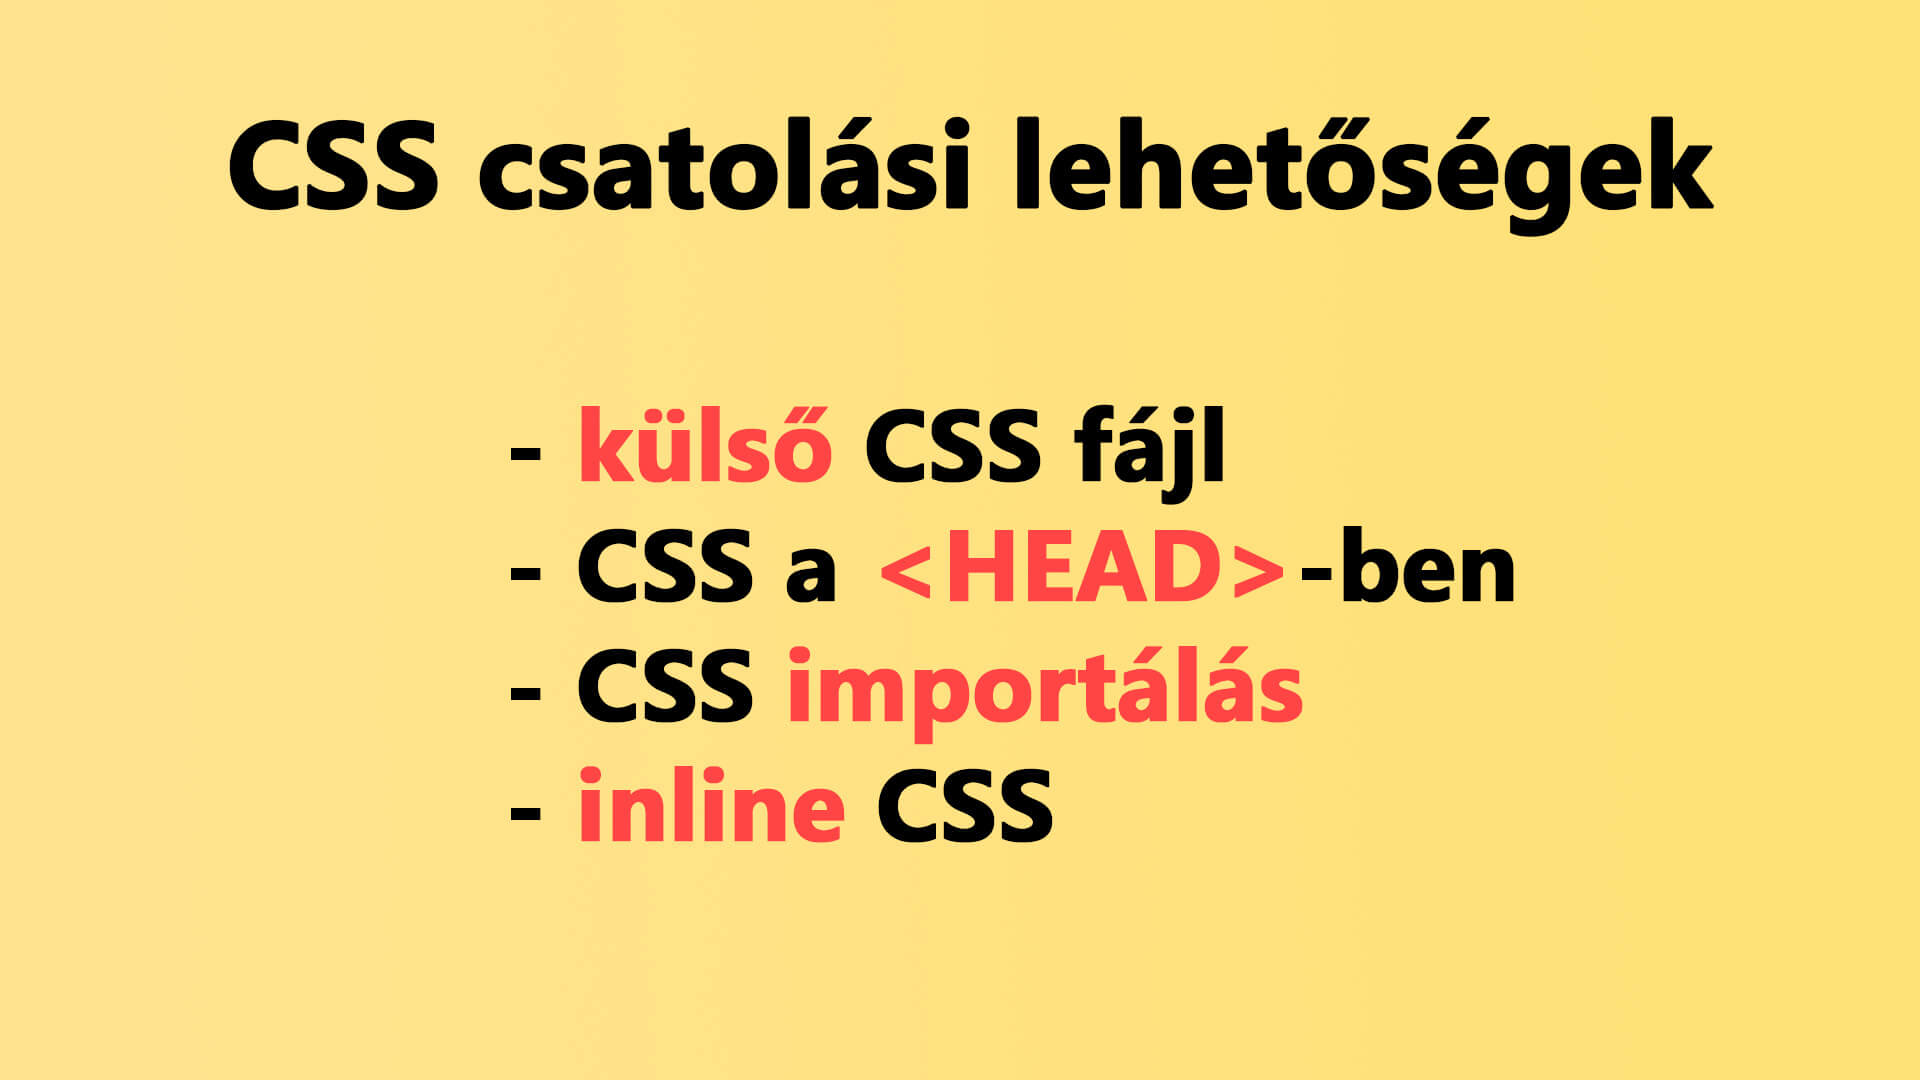 CSS használatának, csatolásának módszerei cikk nyitóképe